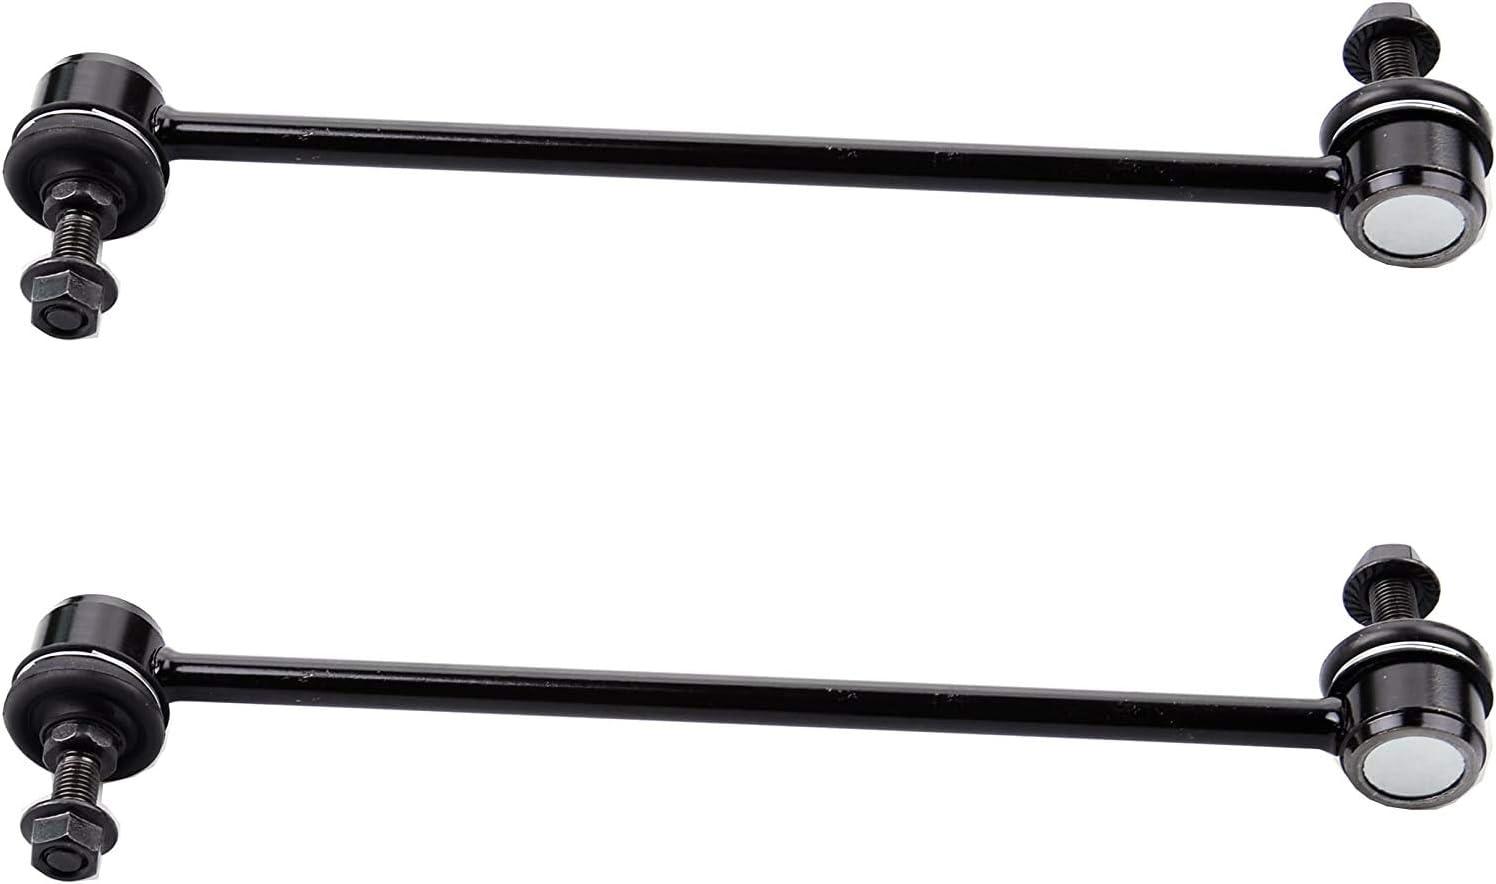 Set of 2 Front Suspension Stabilizer Bar Link fits 2008 Dodge Caliber